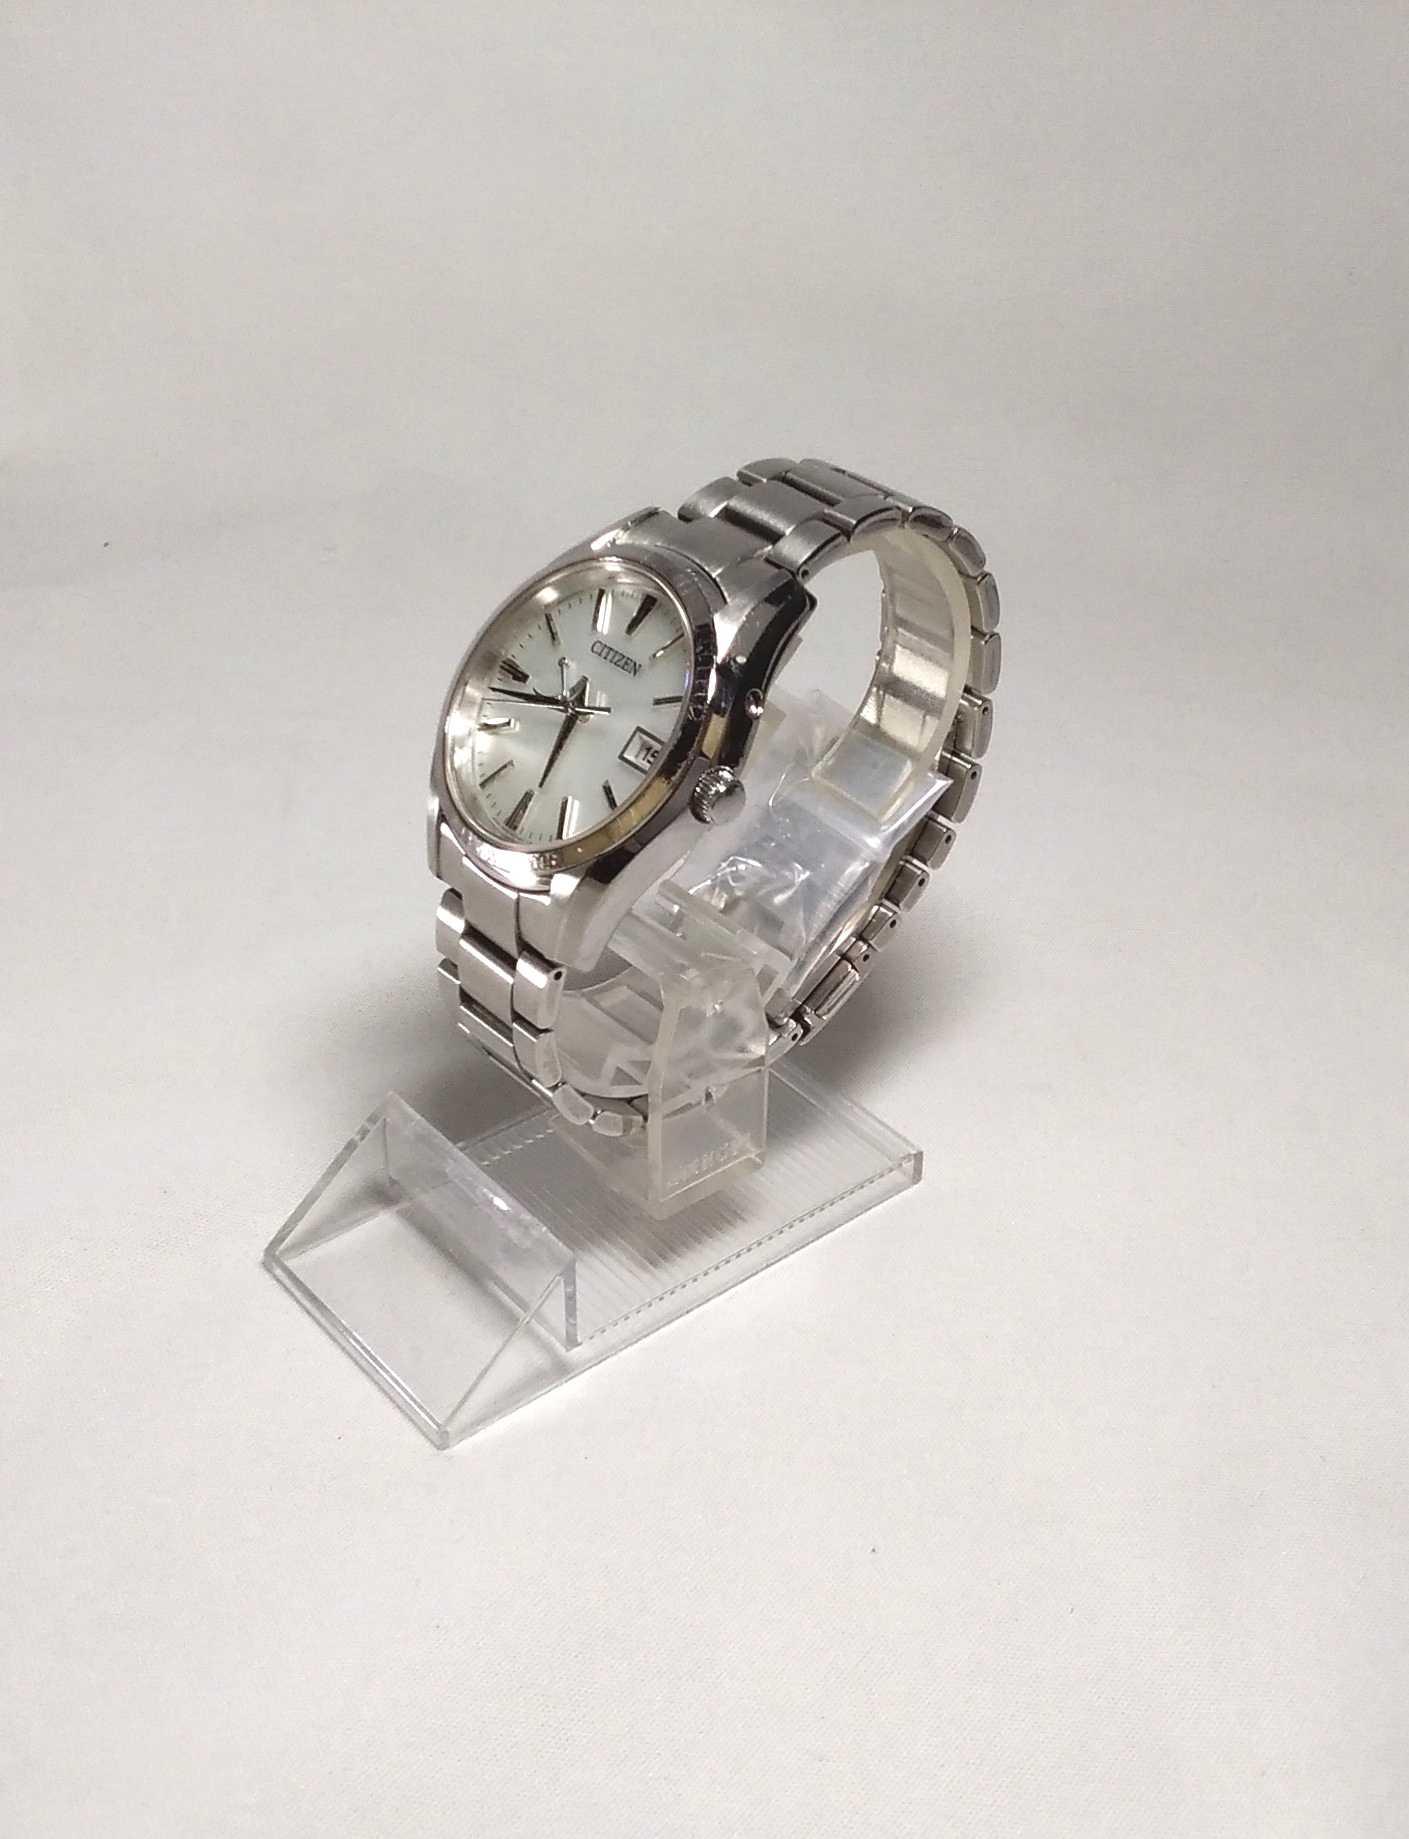 ソーラー電波腕時計 シチズン